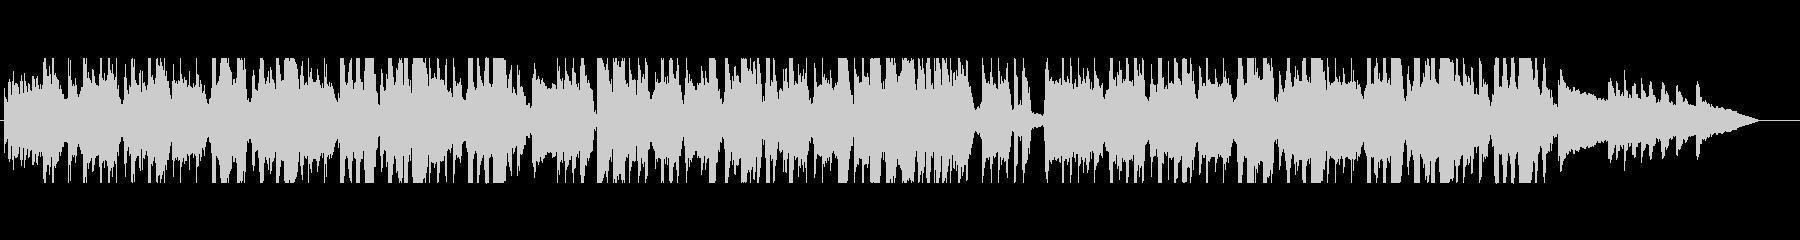 マツタケをテーマにした楽曲の未再生の波形